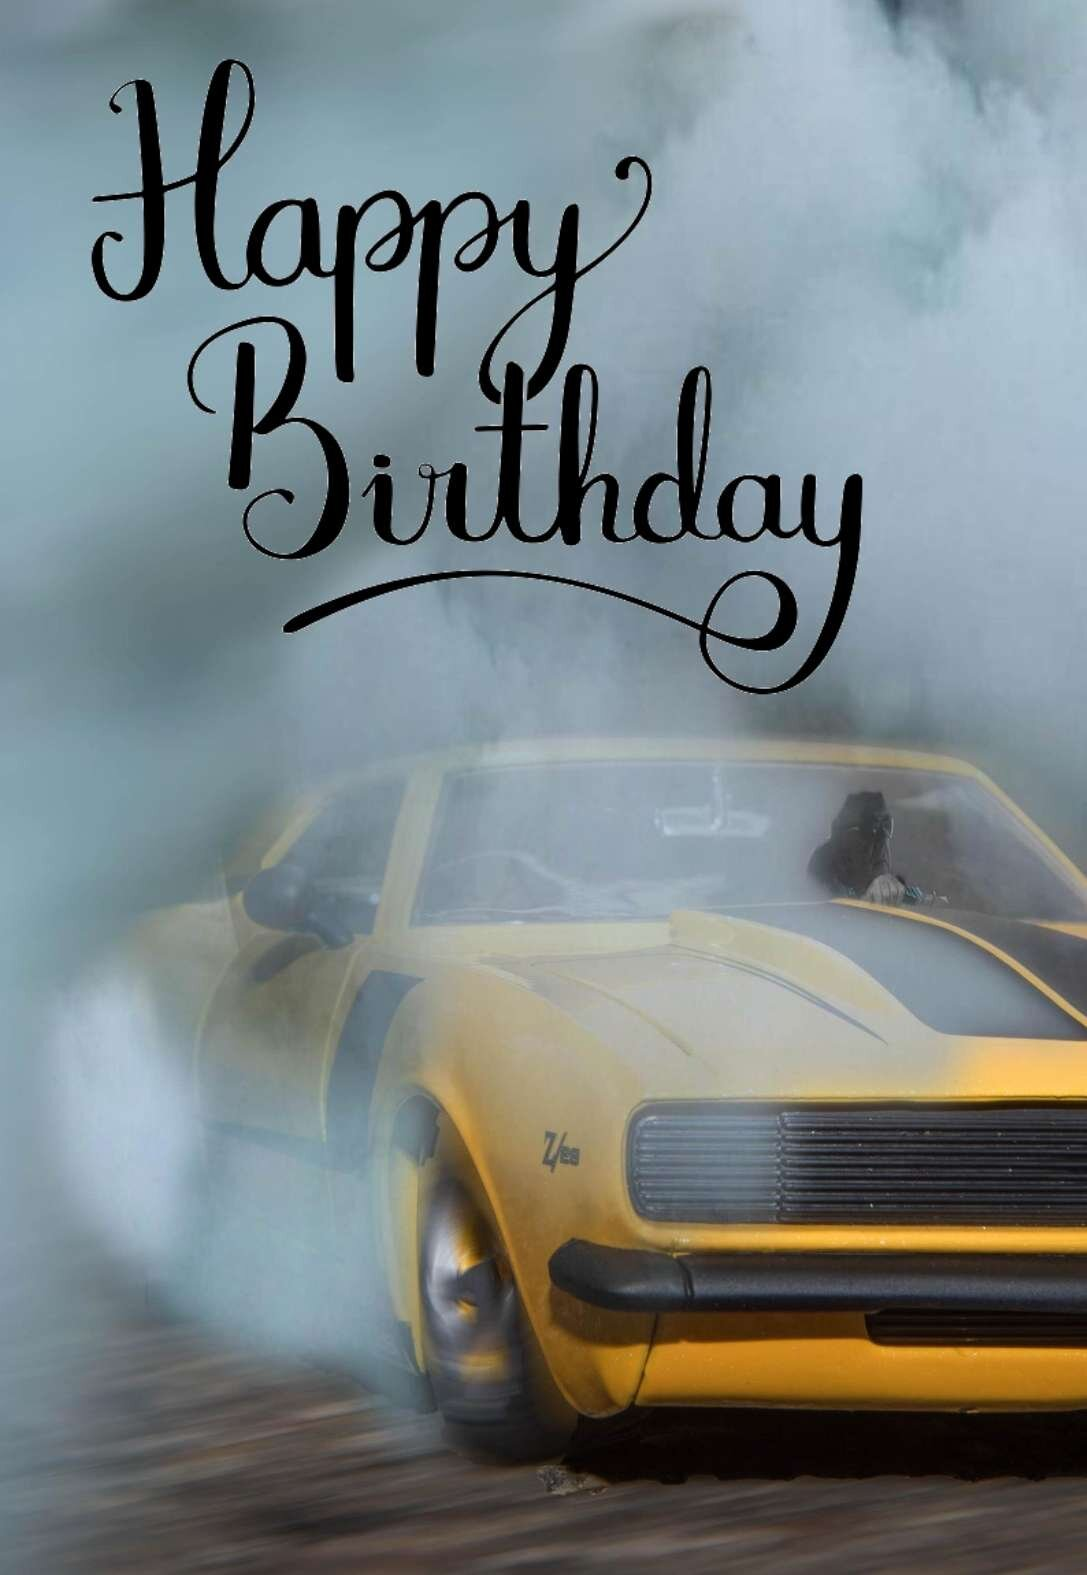 Car Enthusiast Birthday Cards Printbirthday Cards